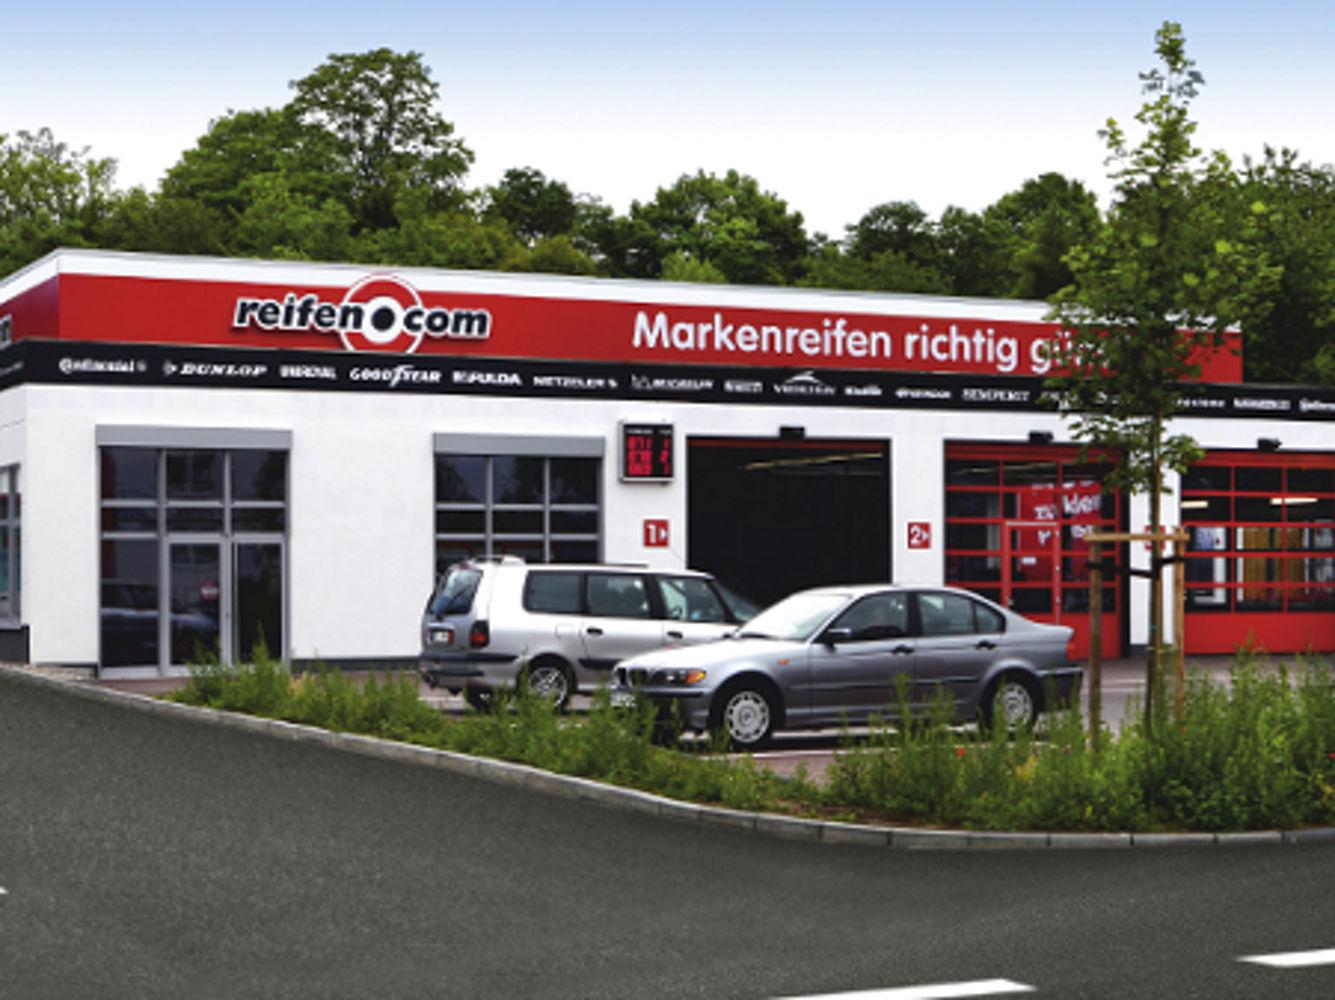 Reifenservice reifencom GmbH in Bonn | reifen-richtig ...